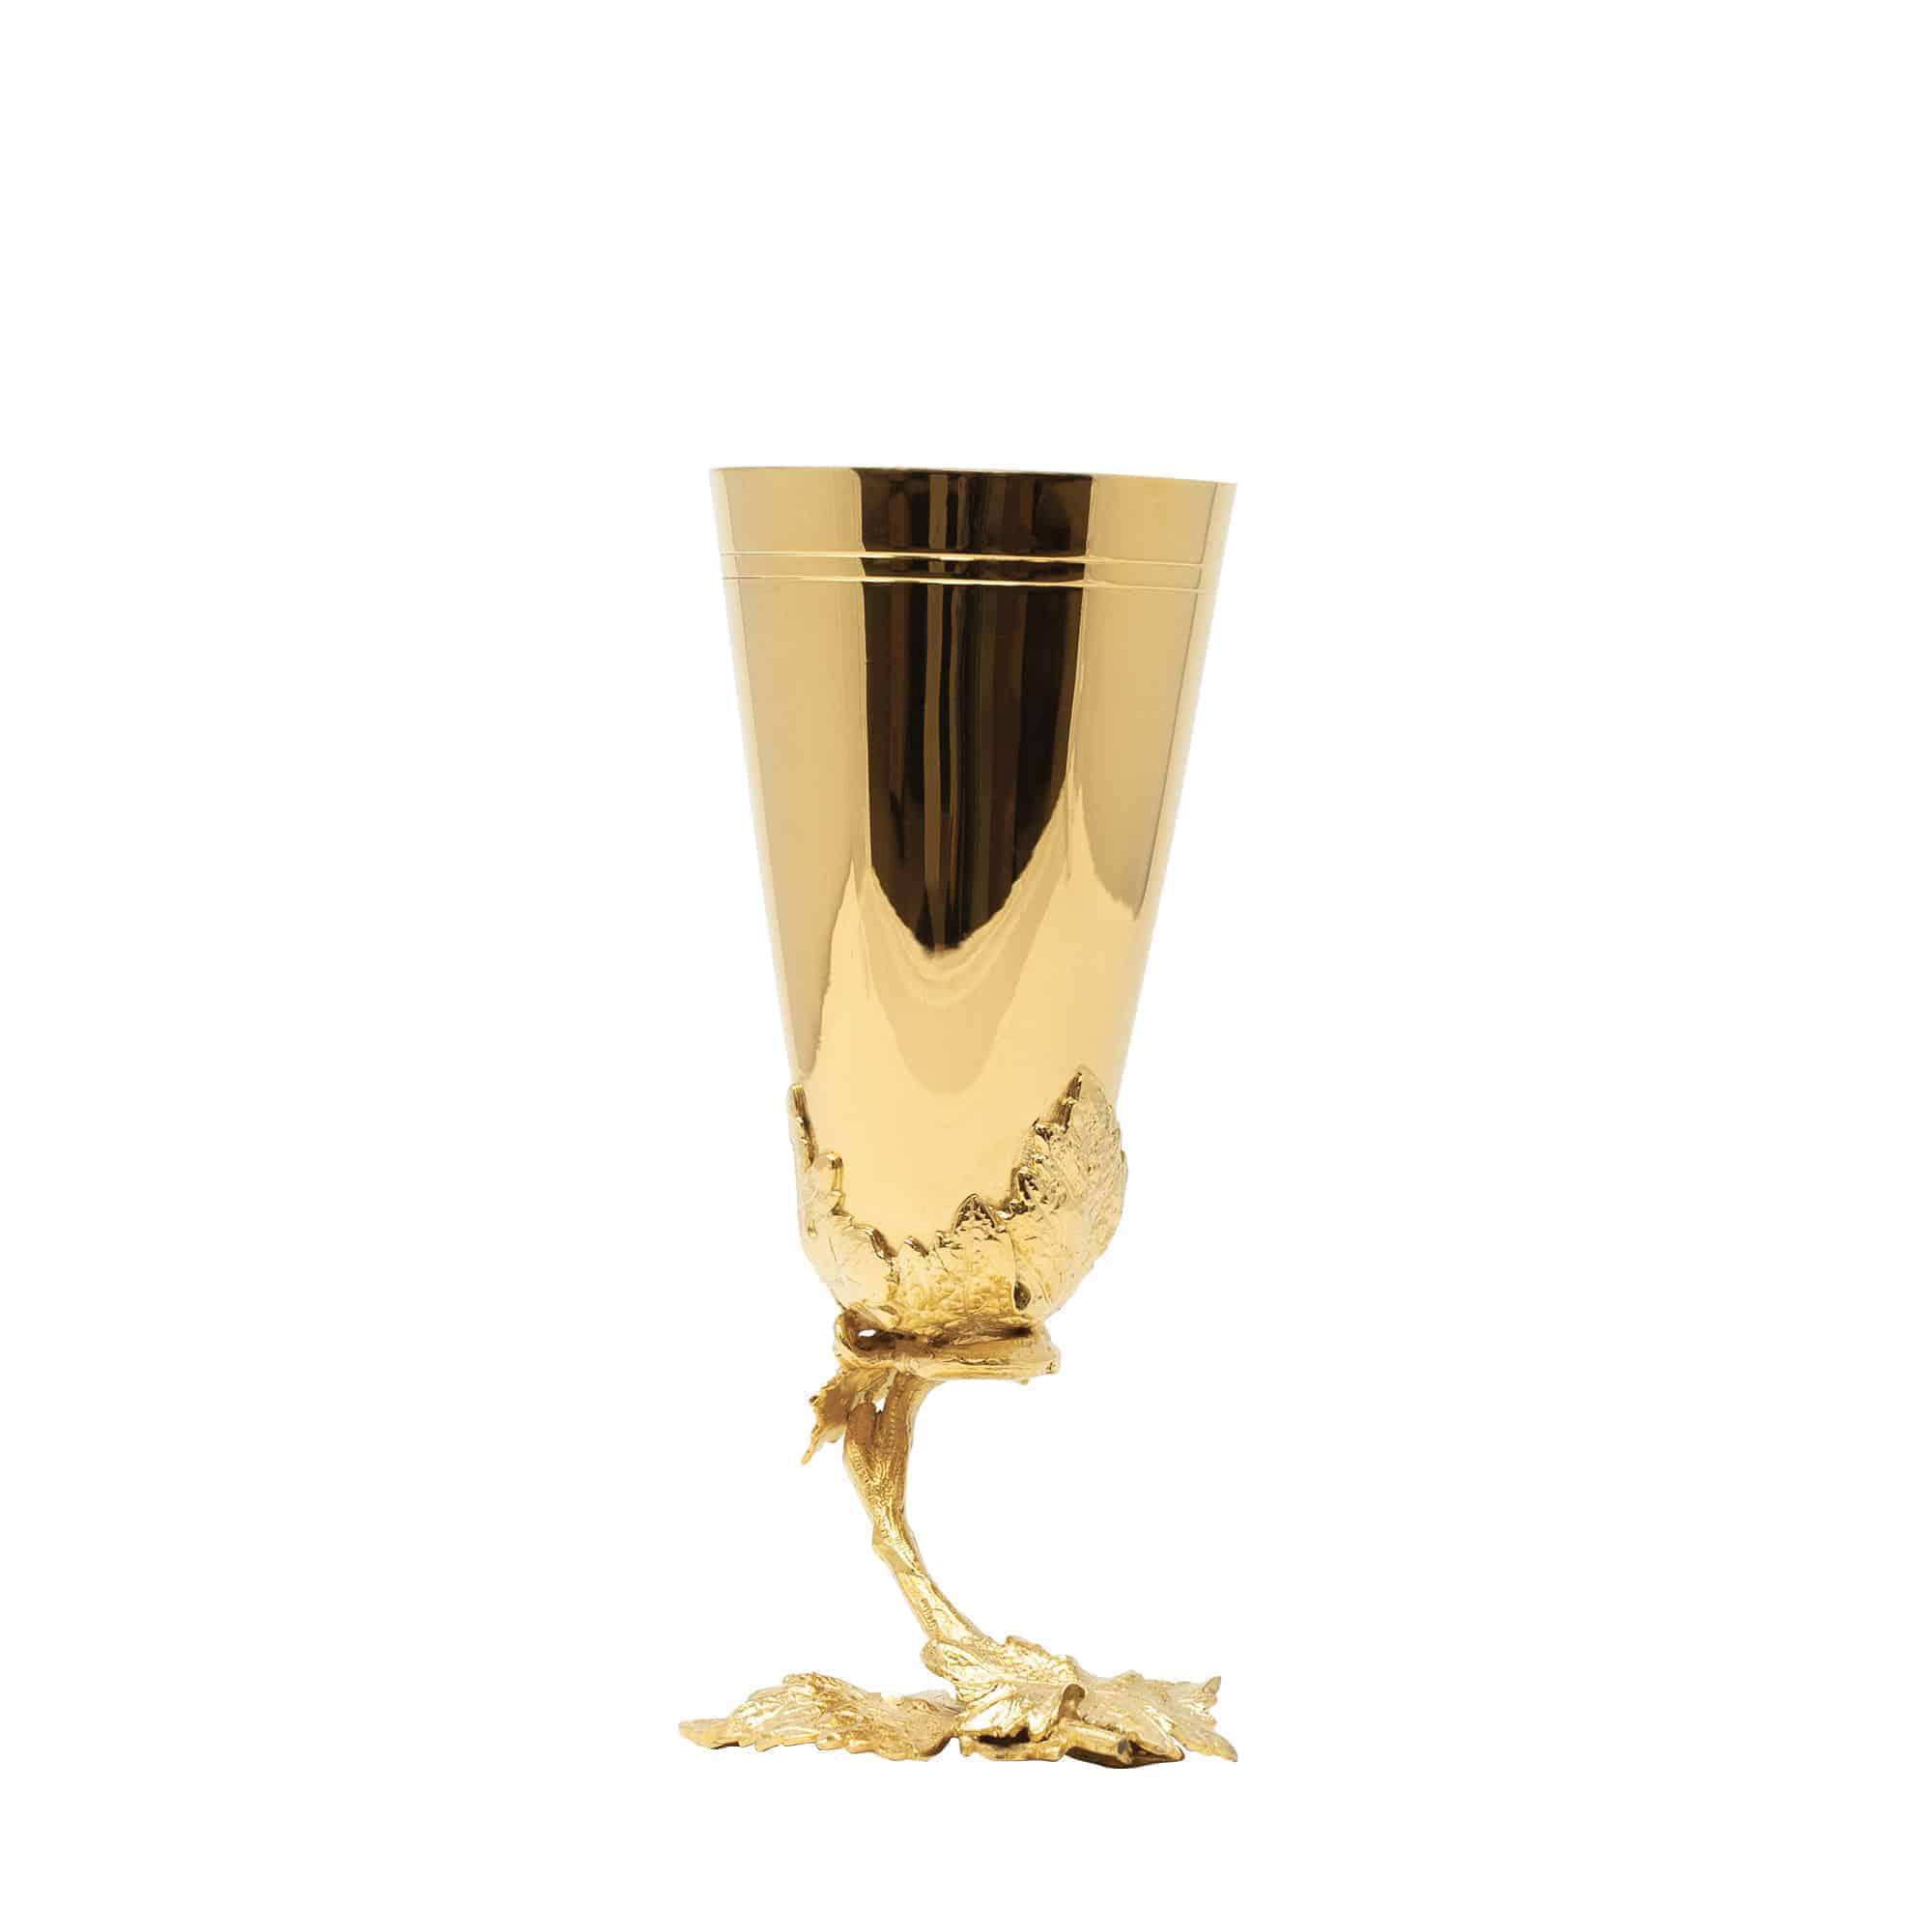 Coupe champagne vigne odiot